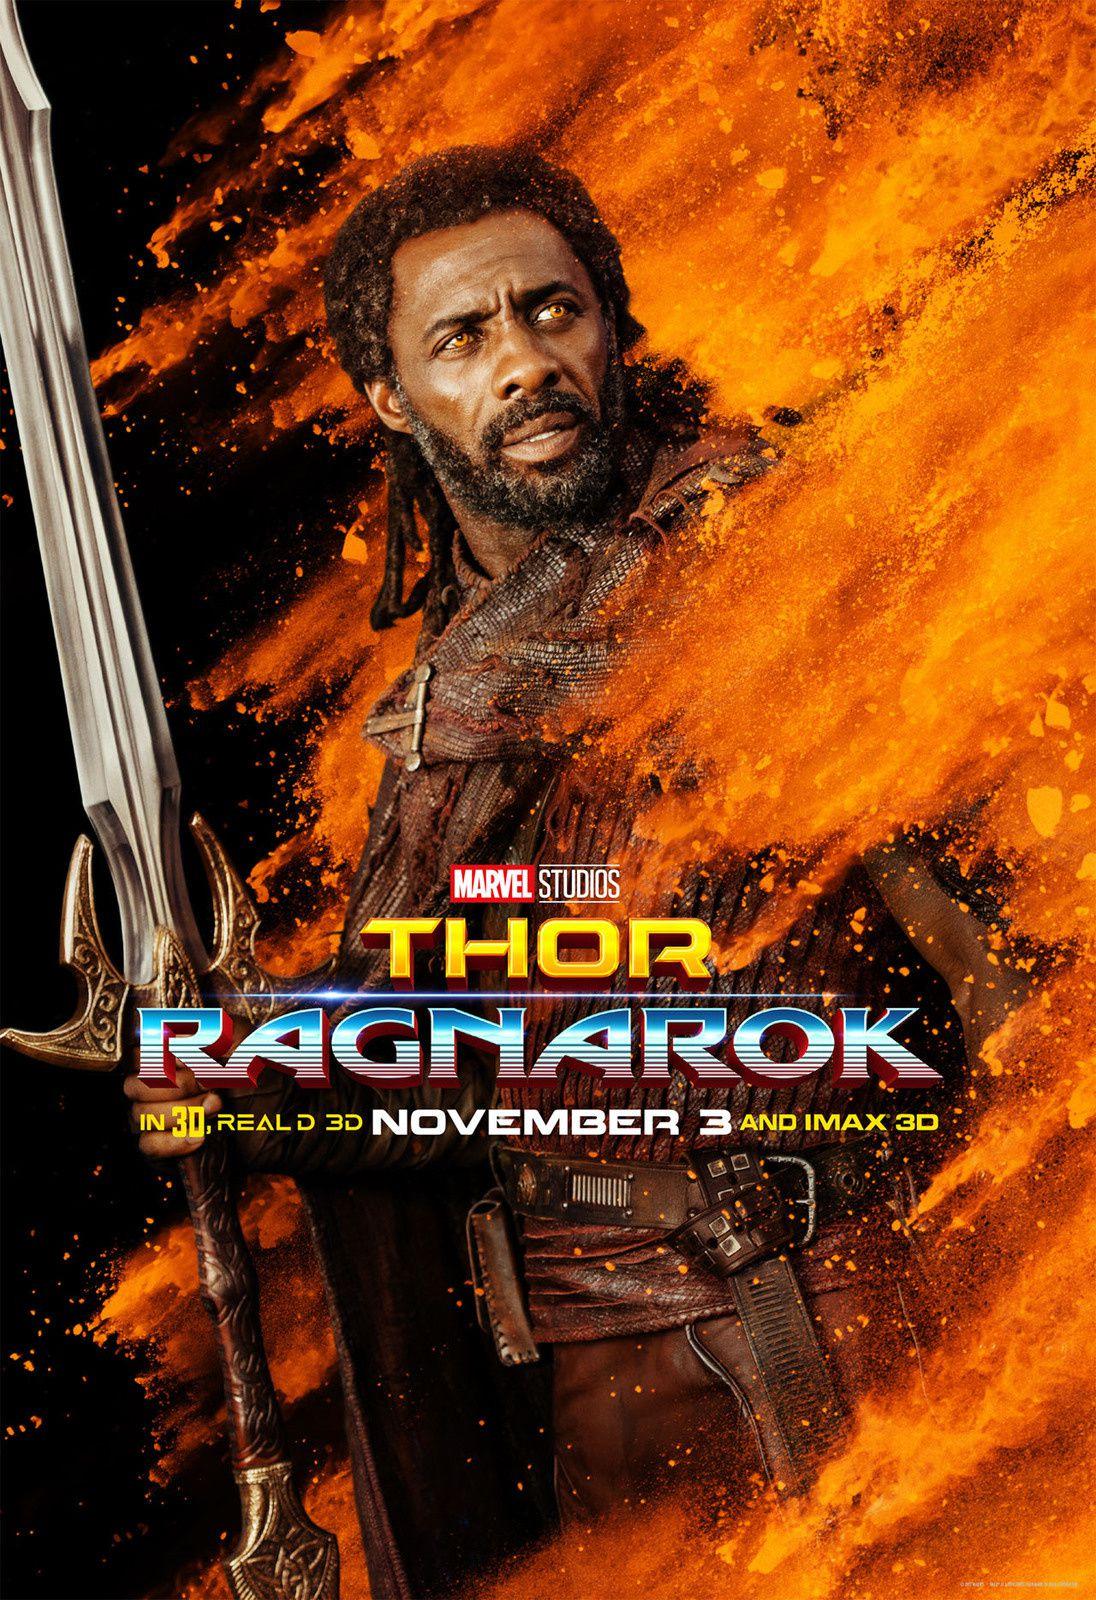 Thor ragnarok : 9 posters colorés